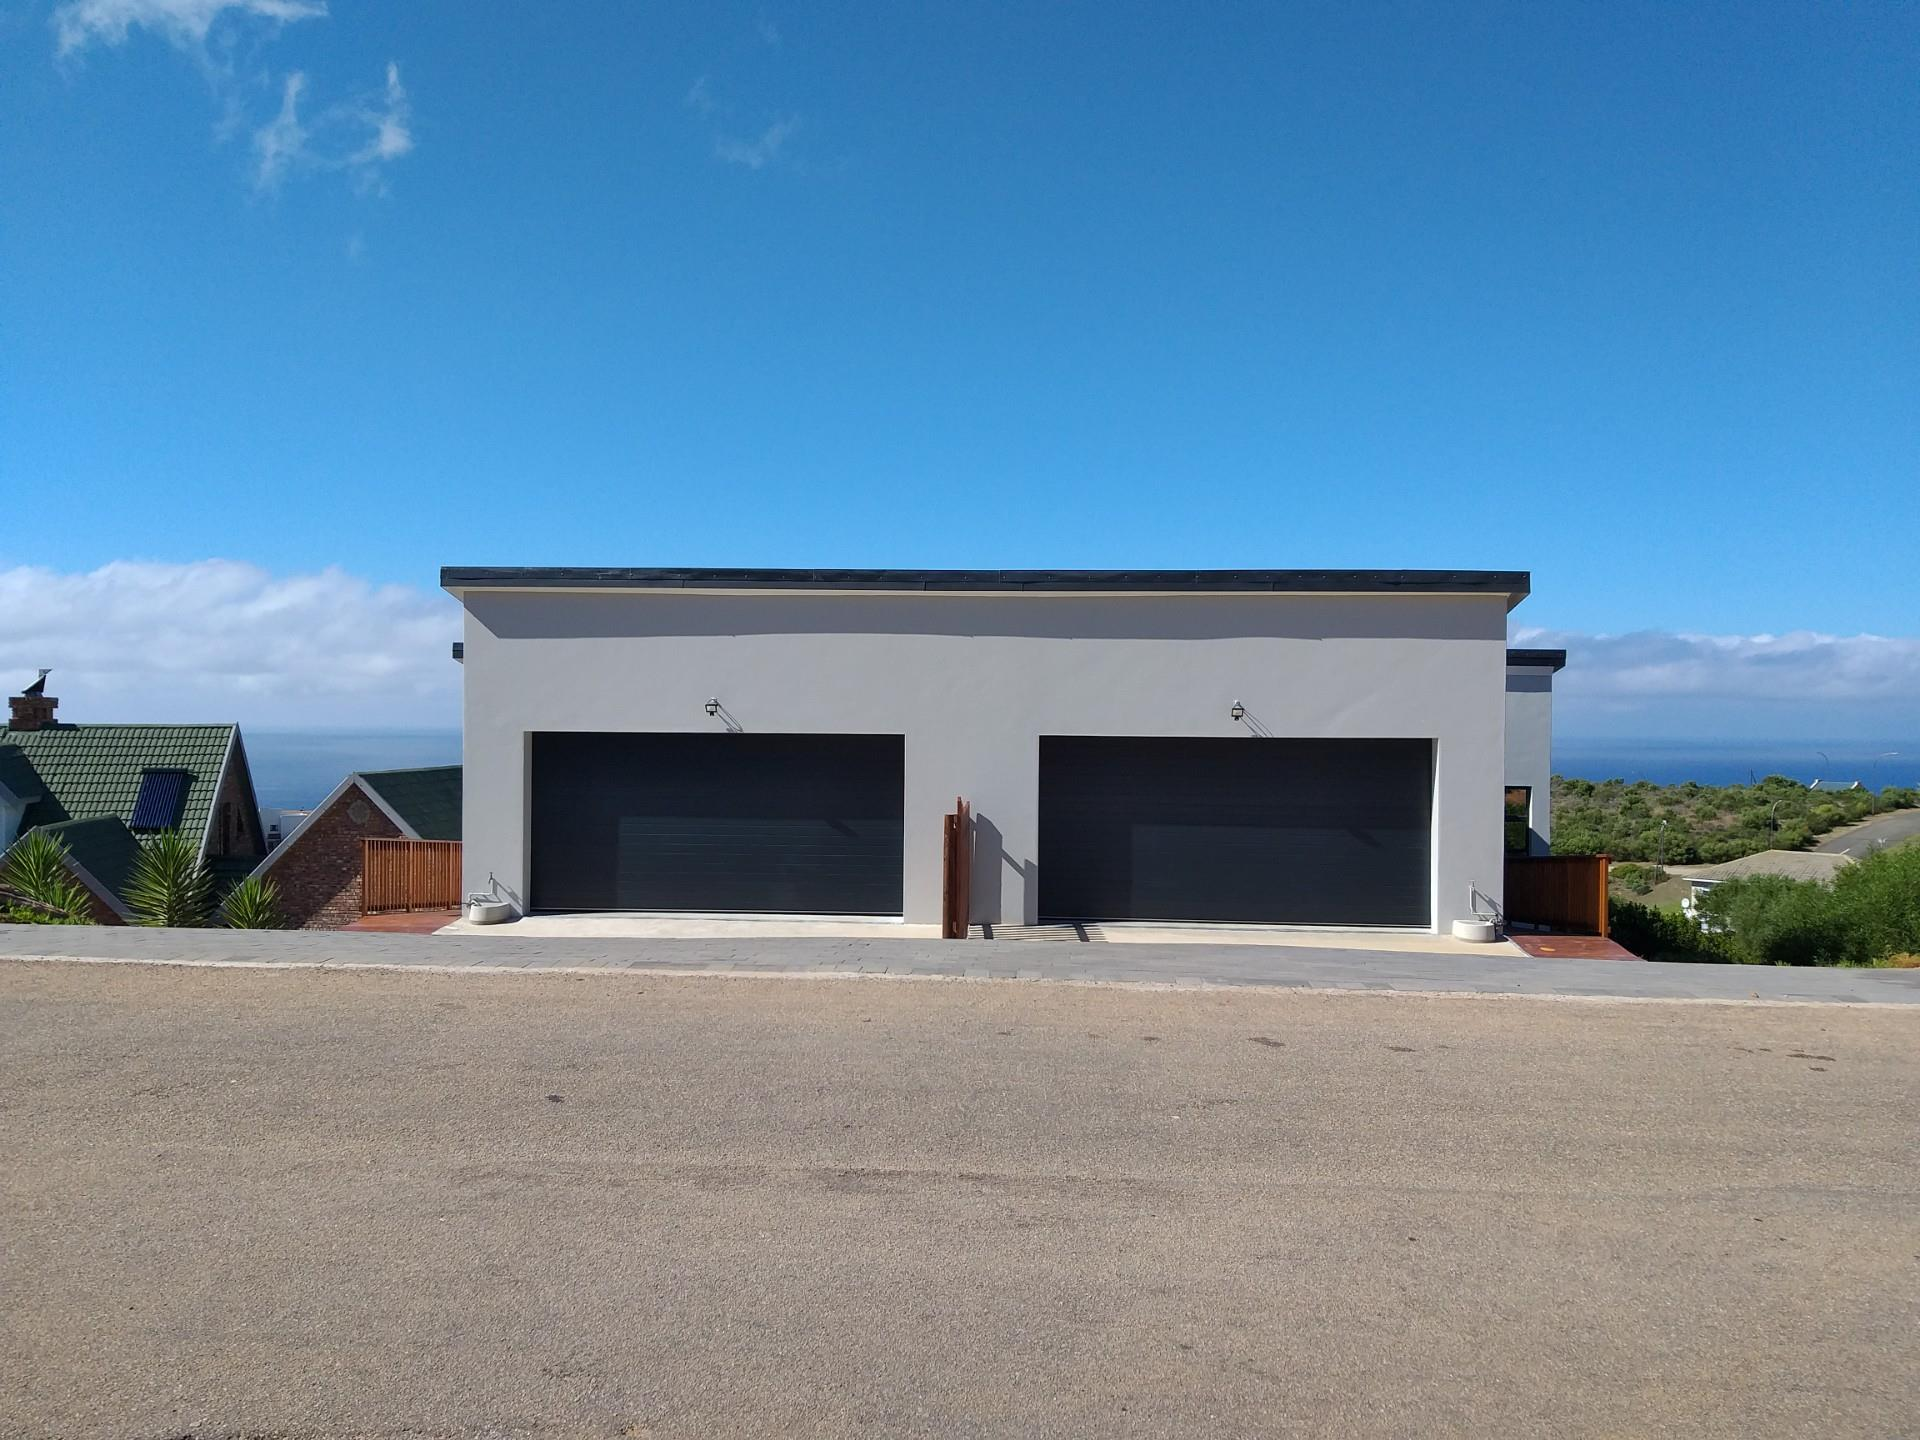 3 bedroom House in Dana Bay   RE/MAX